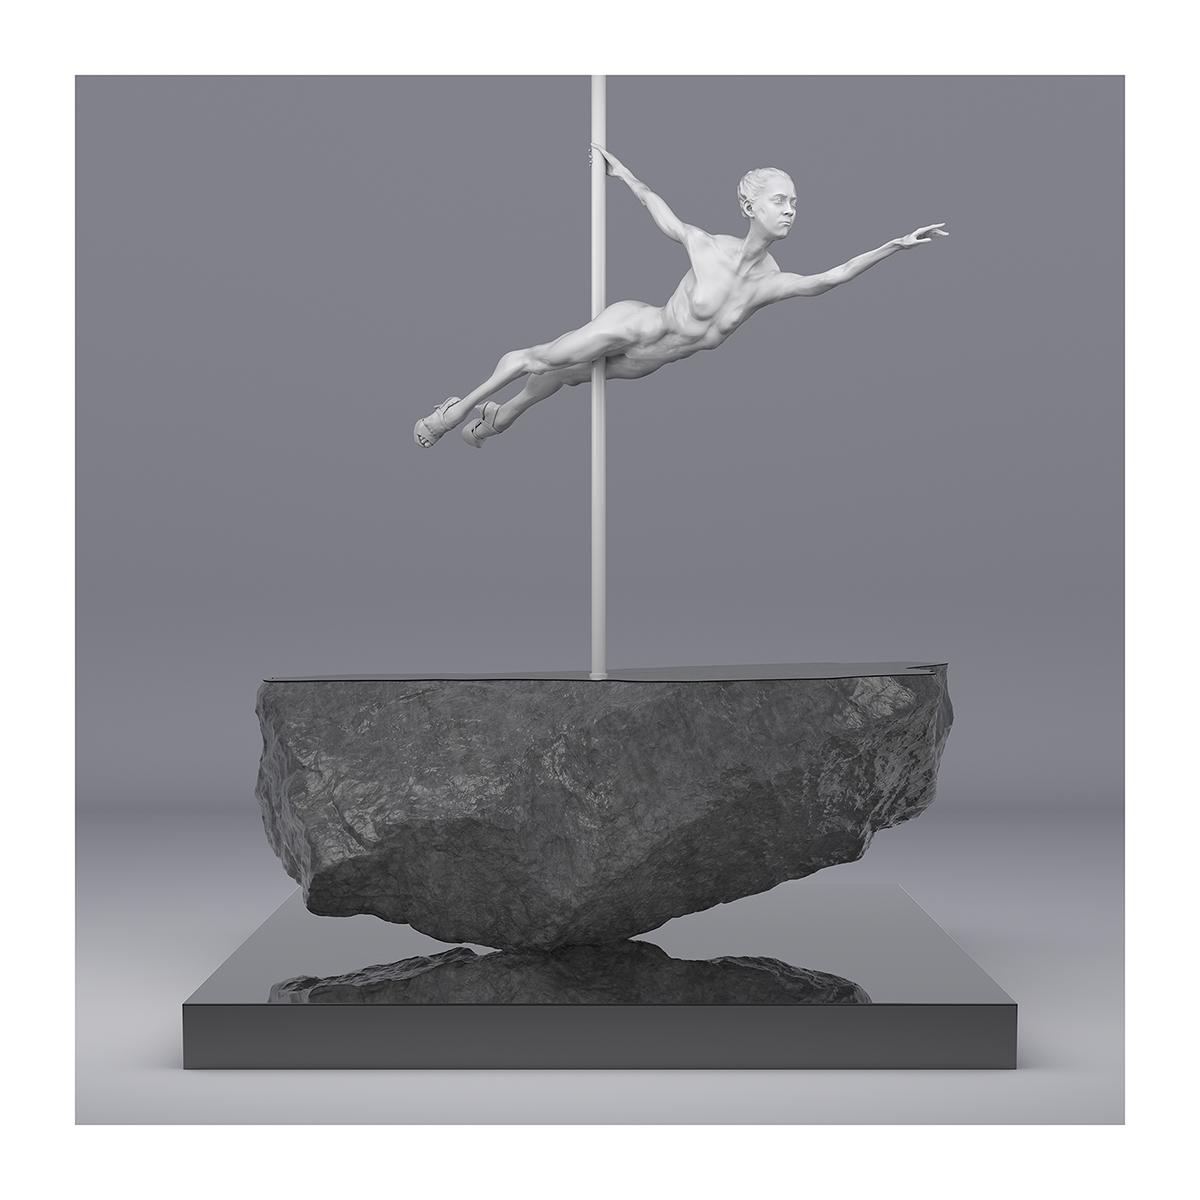 225 TWHS Pole Dance Dancer I 002 - 2021 - This was HomoSapiens. Pole Dance Dancer. I